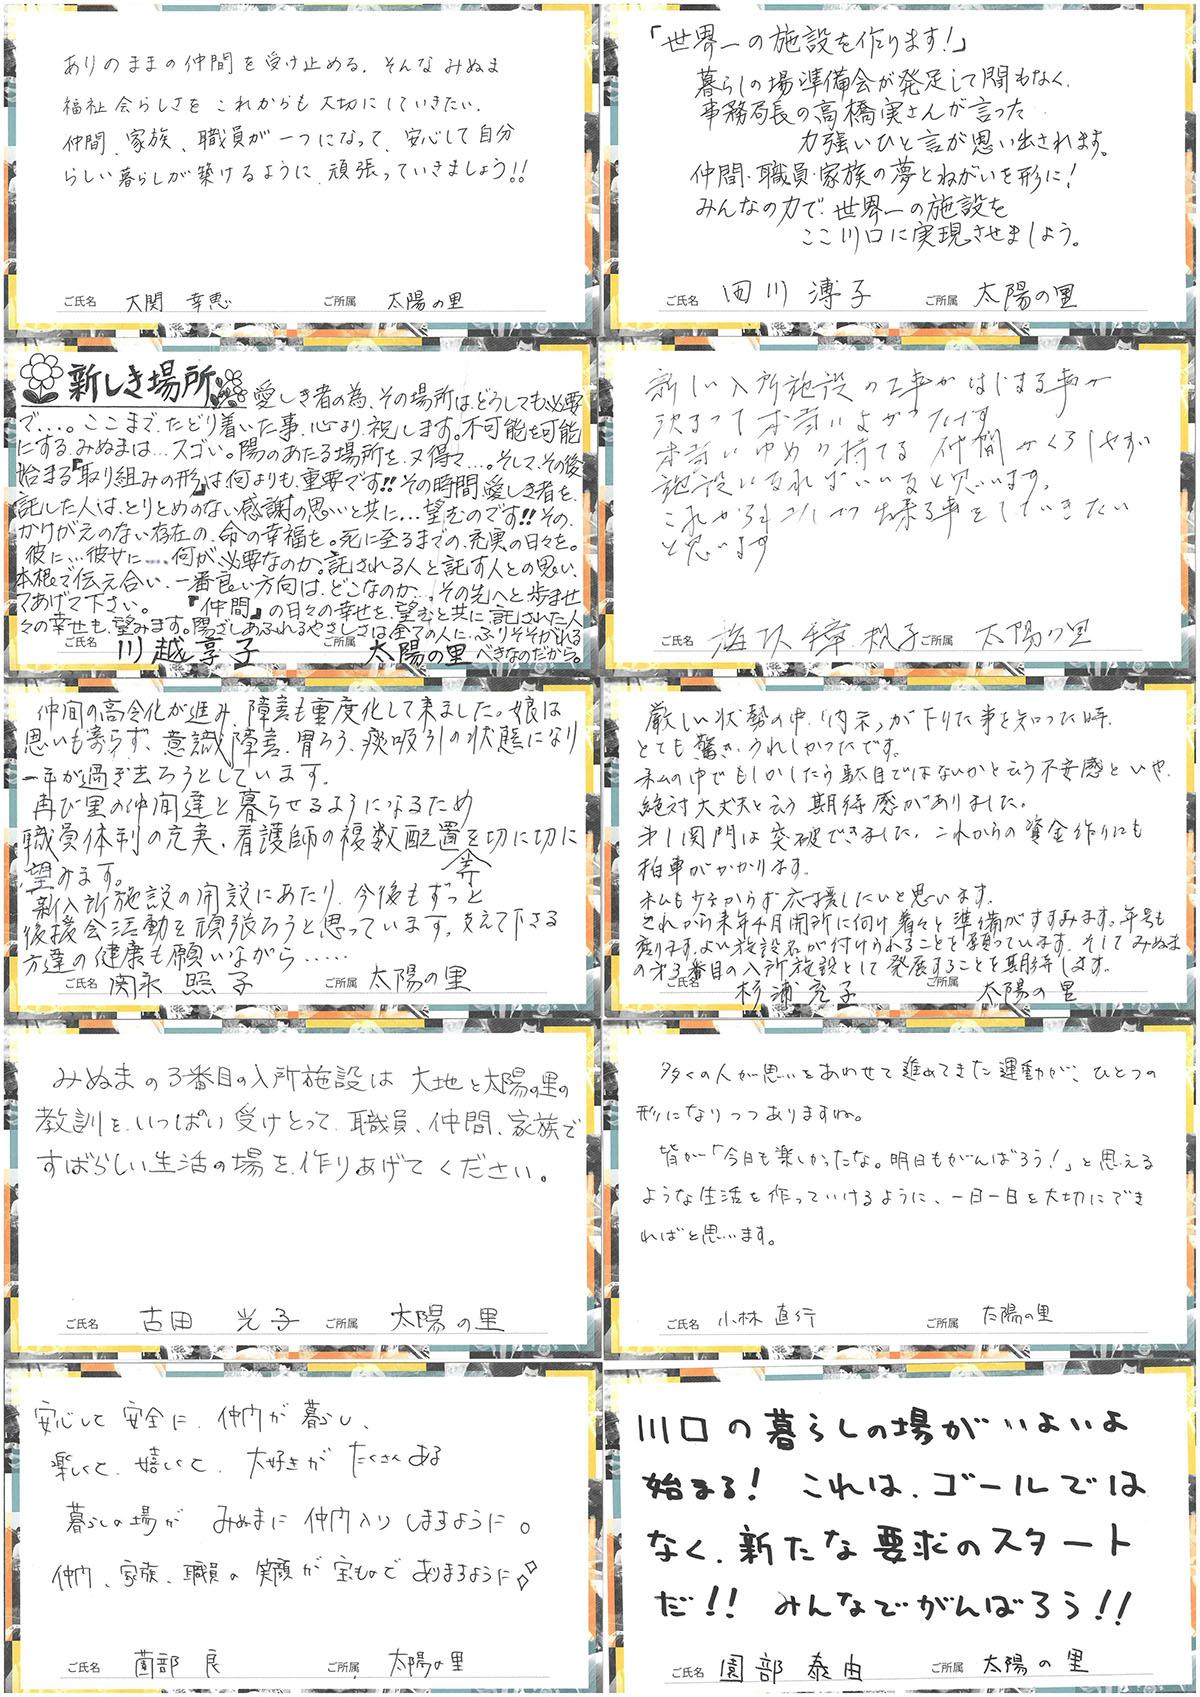 メッセージ11